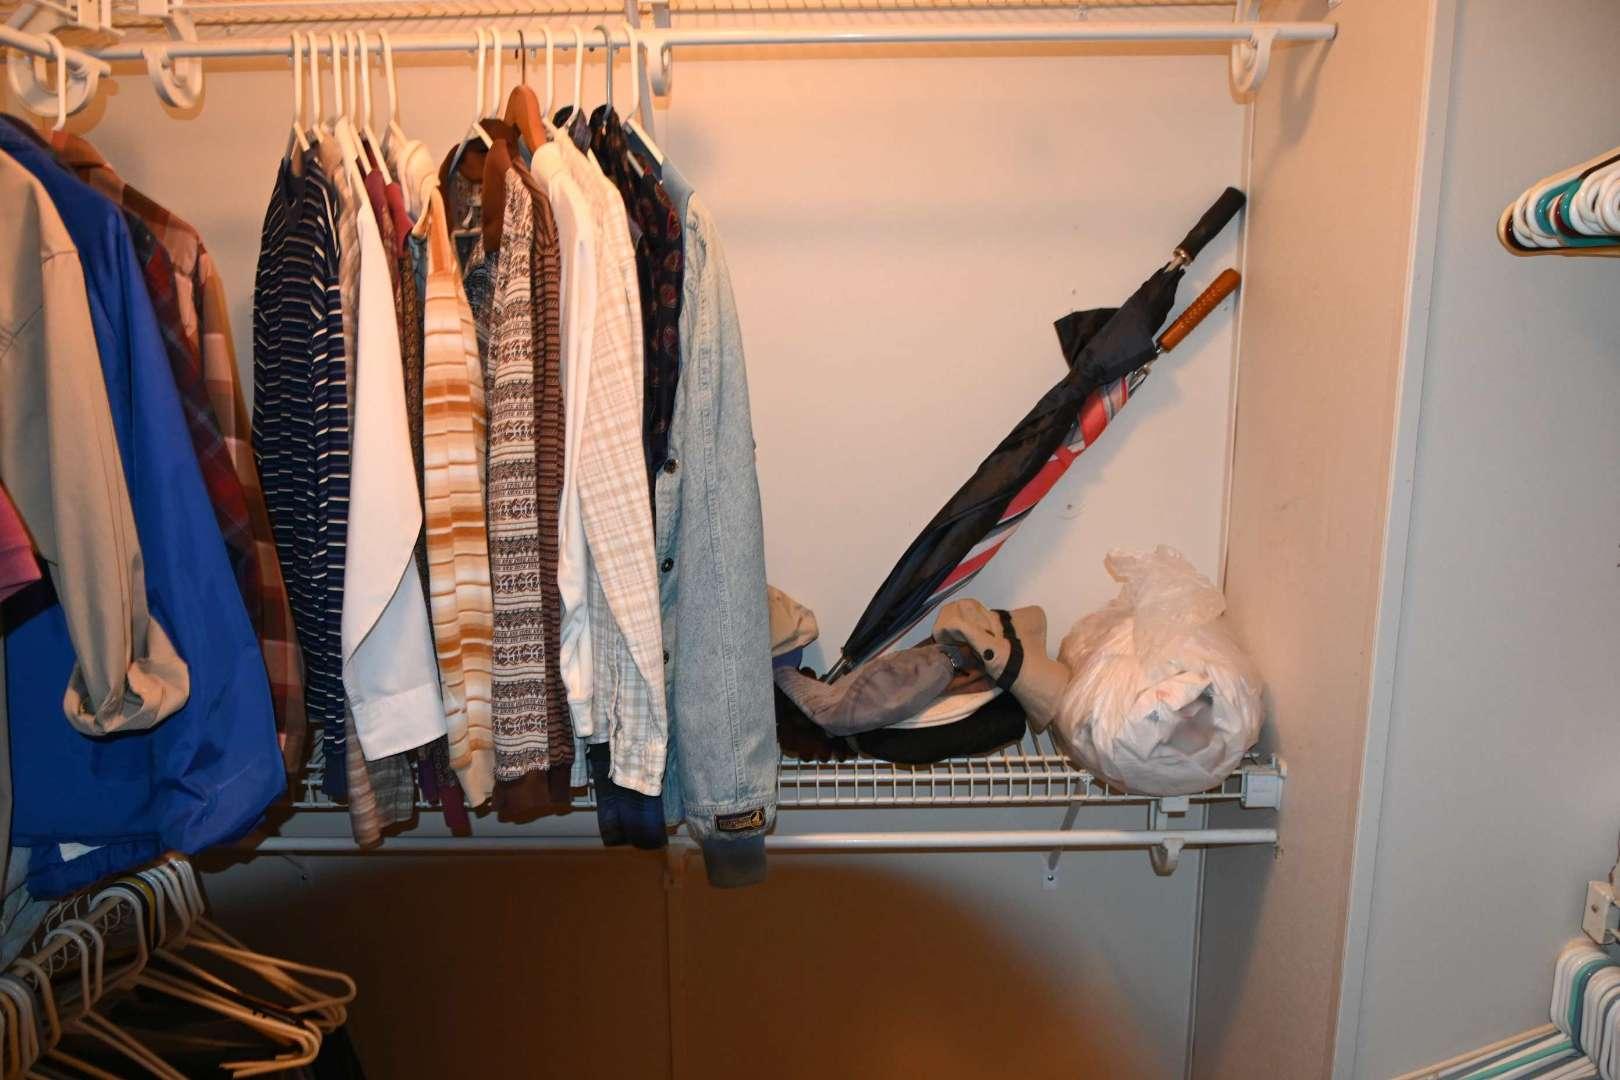 Lot # 196 Contents of master bedroom closet